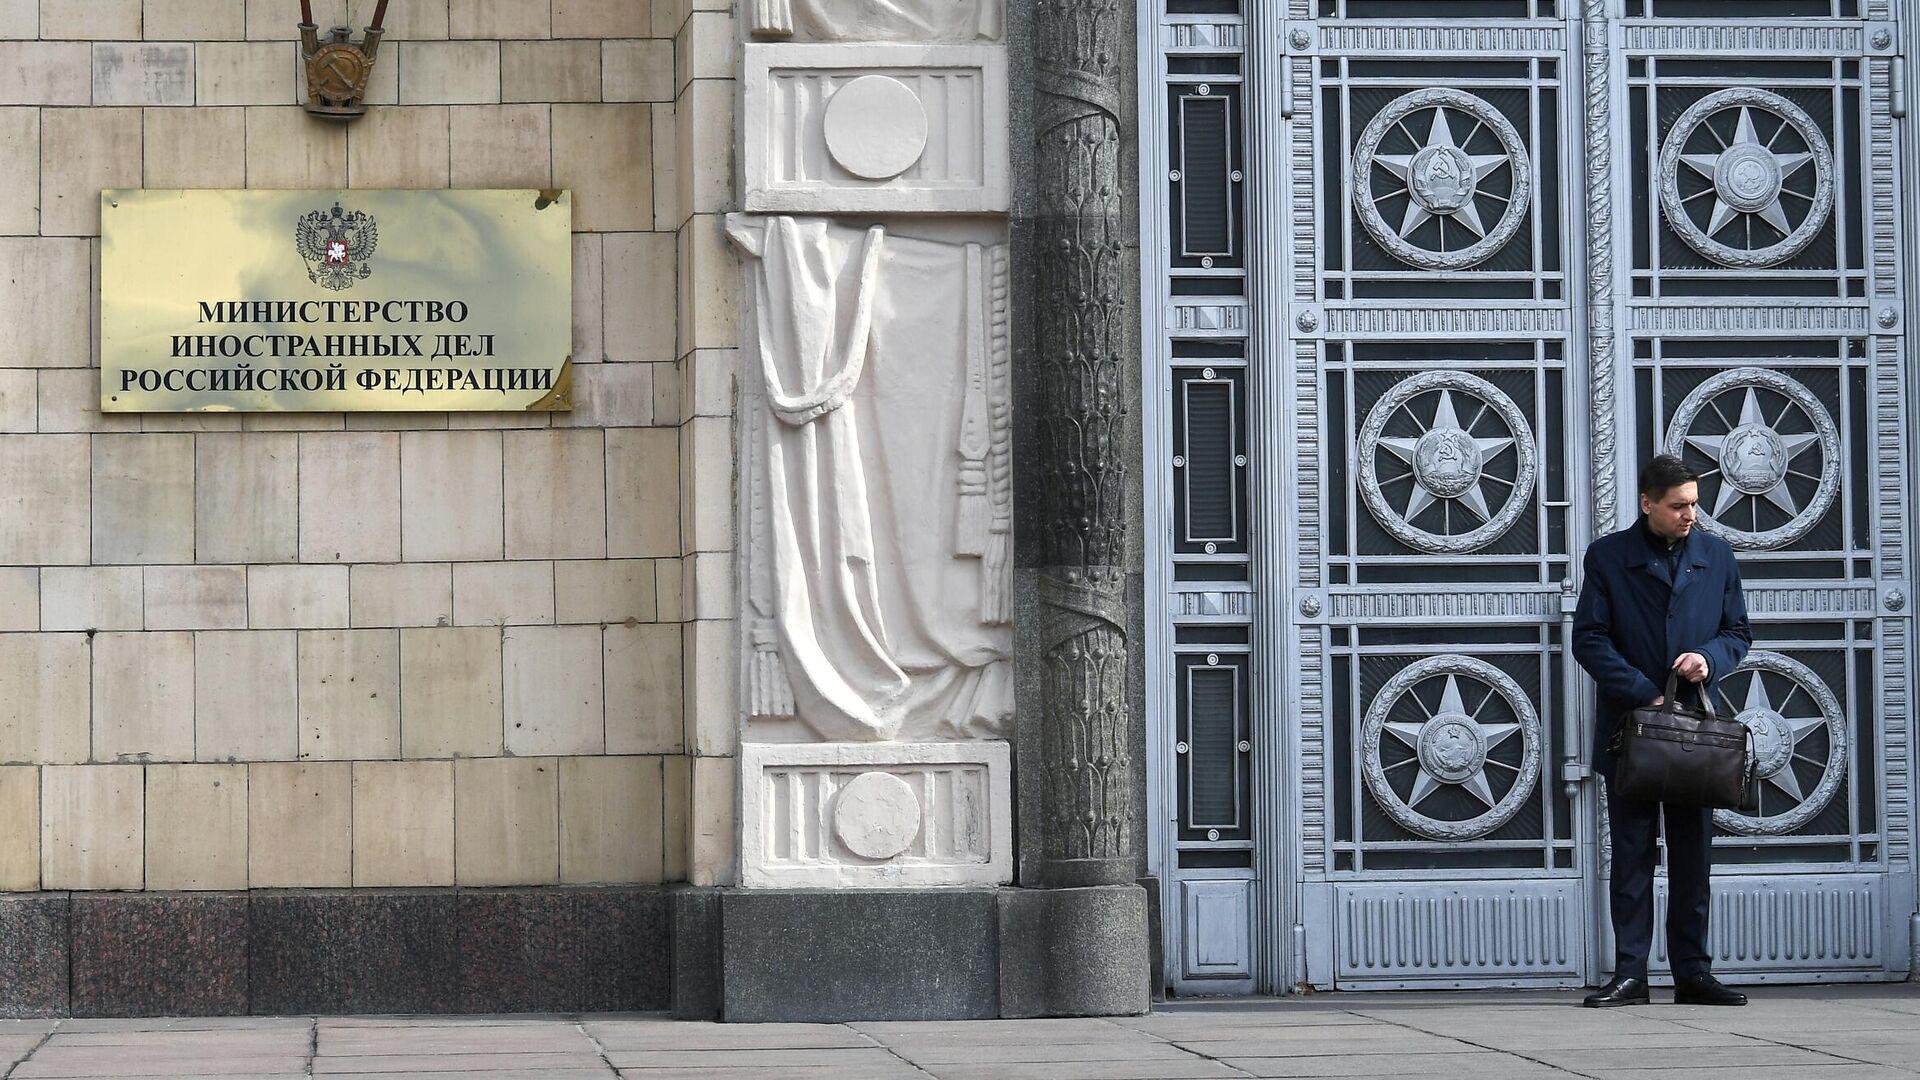 Здание Министерства иностранных дел РФ - РИА Новости, 1920, 05.02.2021